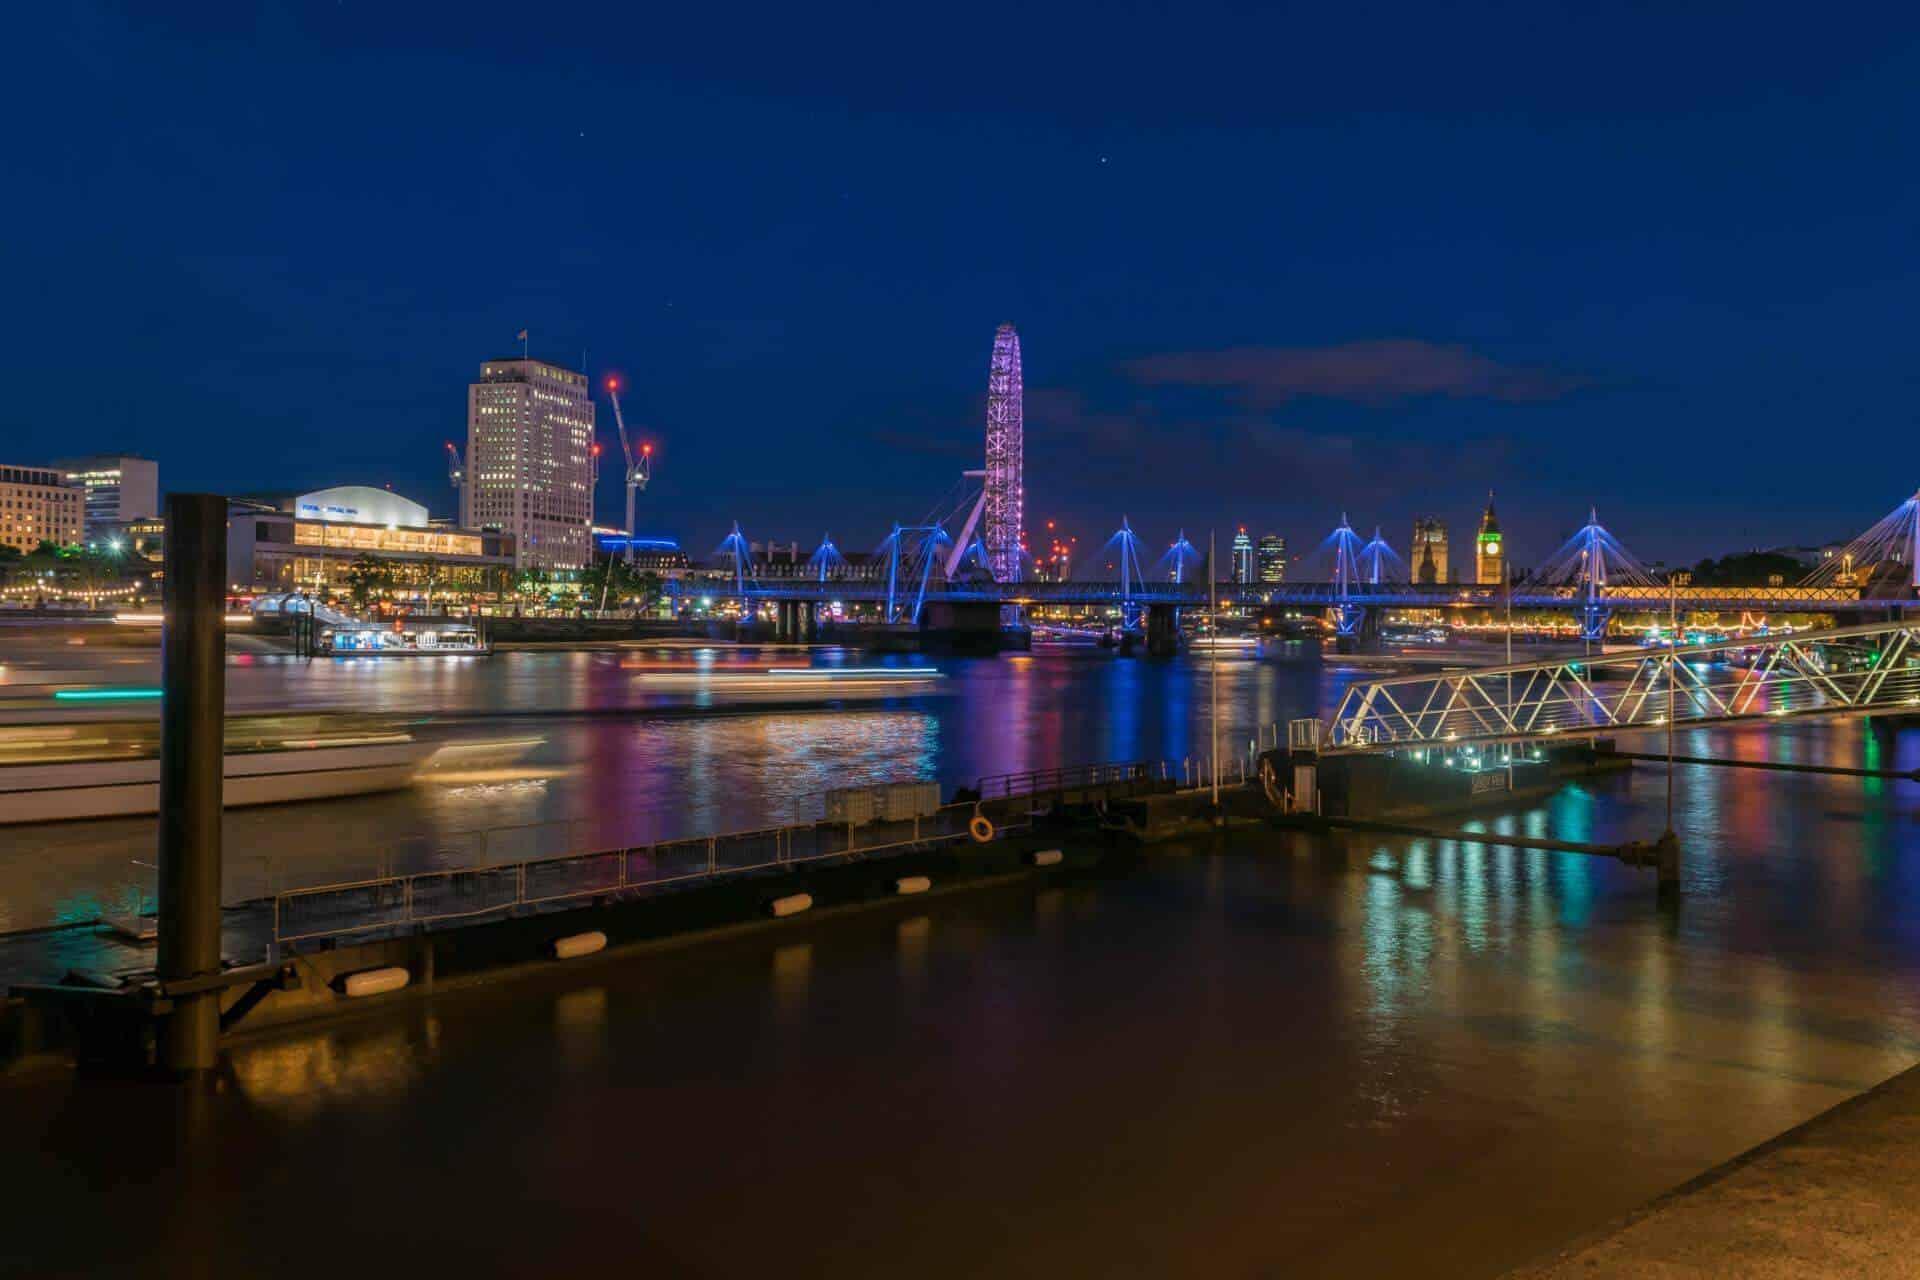 London Eye - Thames Boats Moving - Long exposure